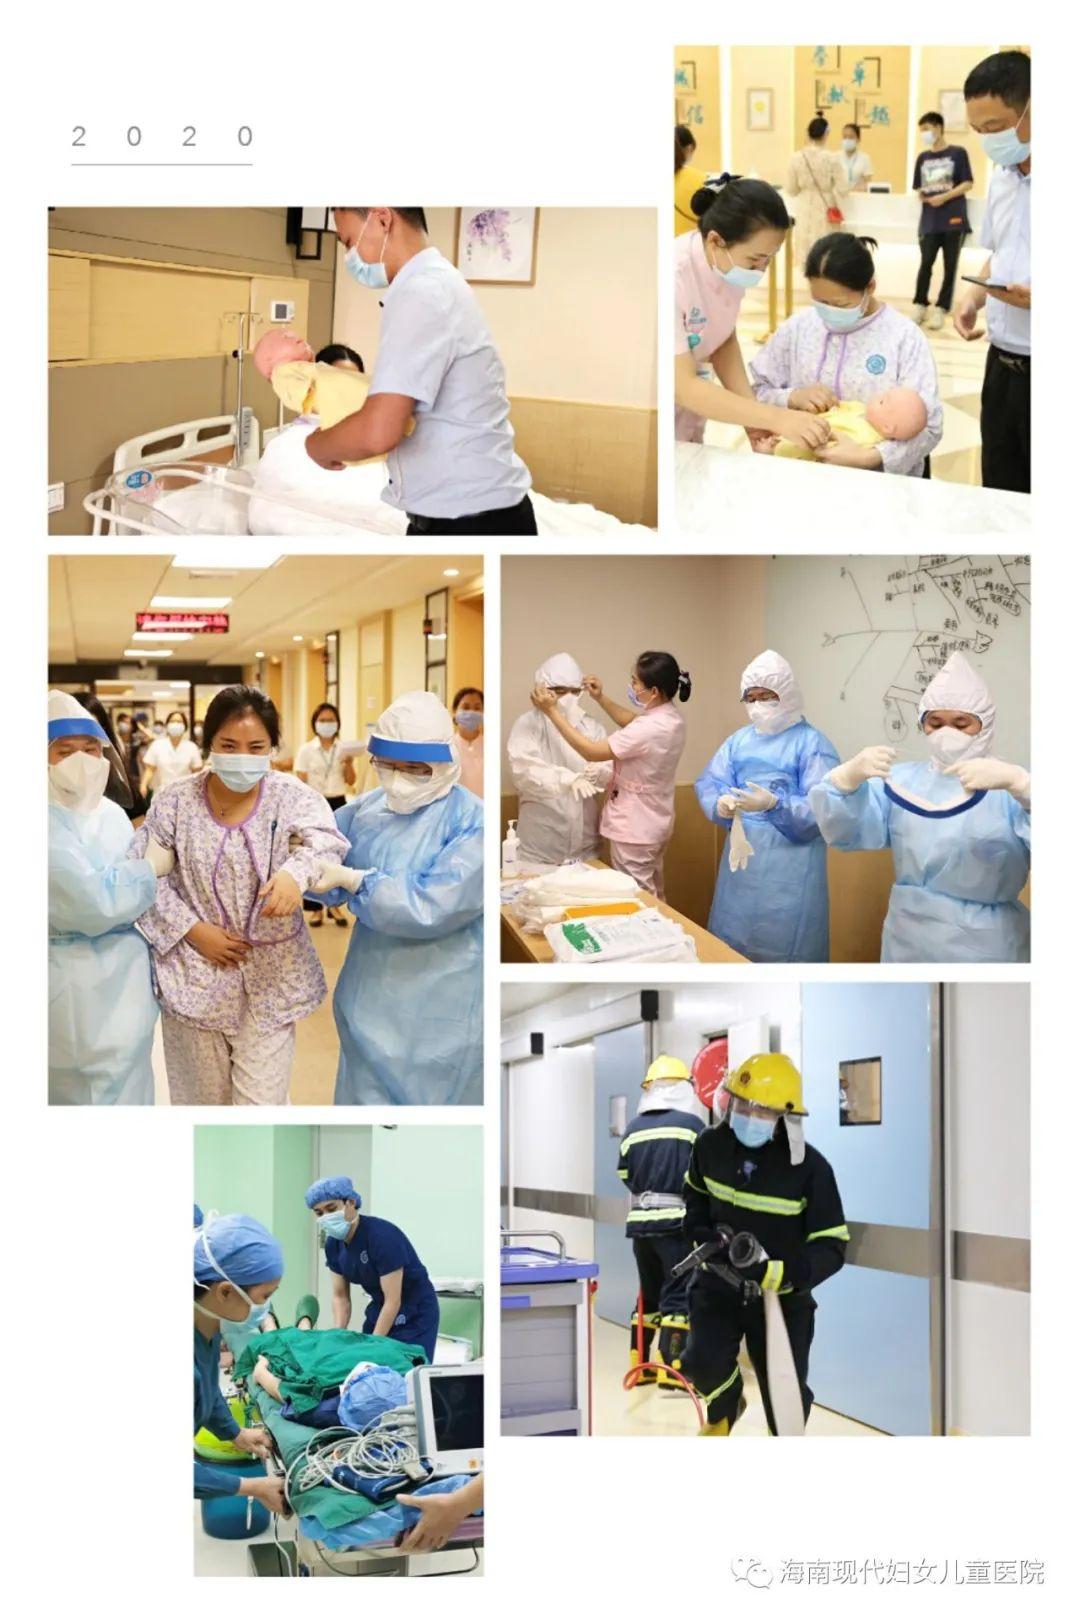 海南现代妇女儿童医院管理内核:精细化管理